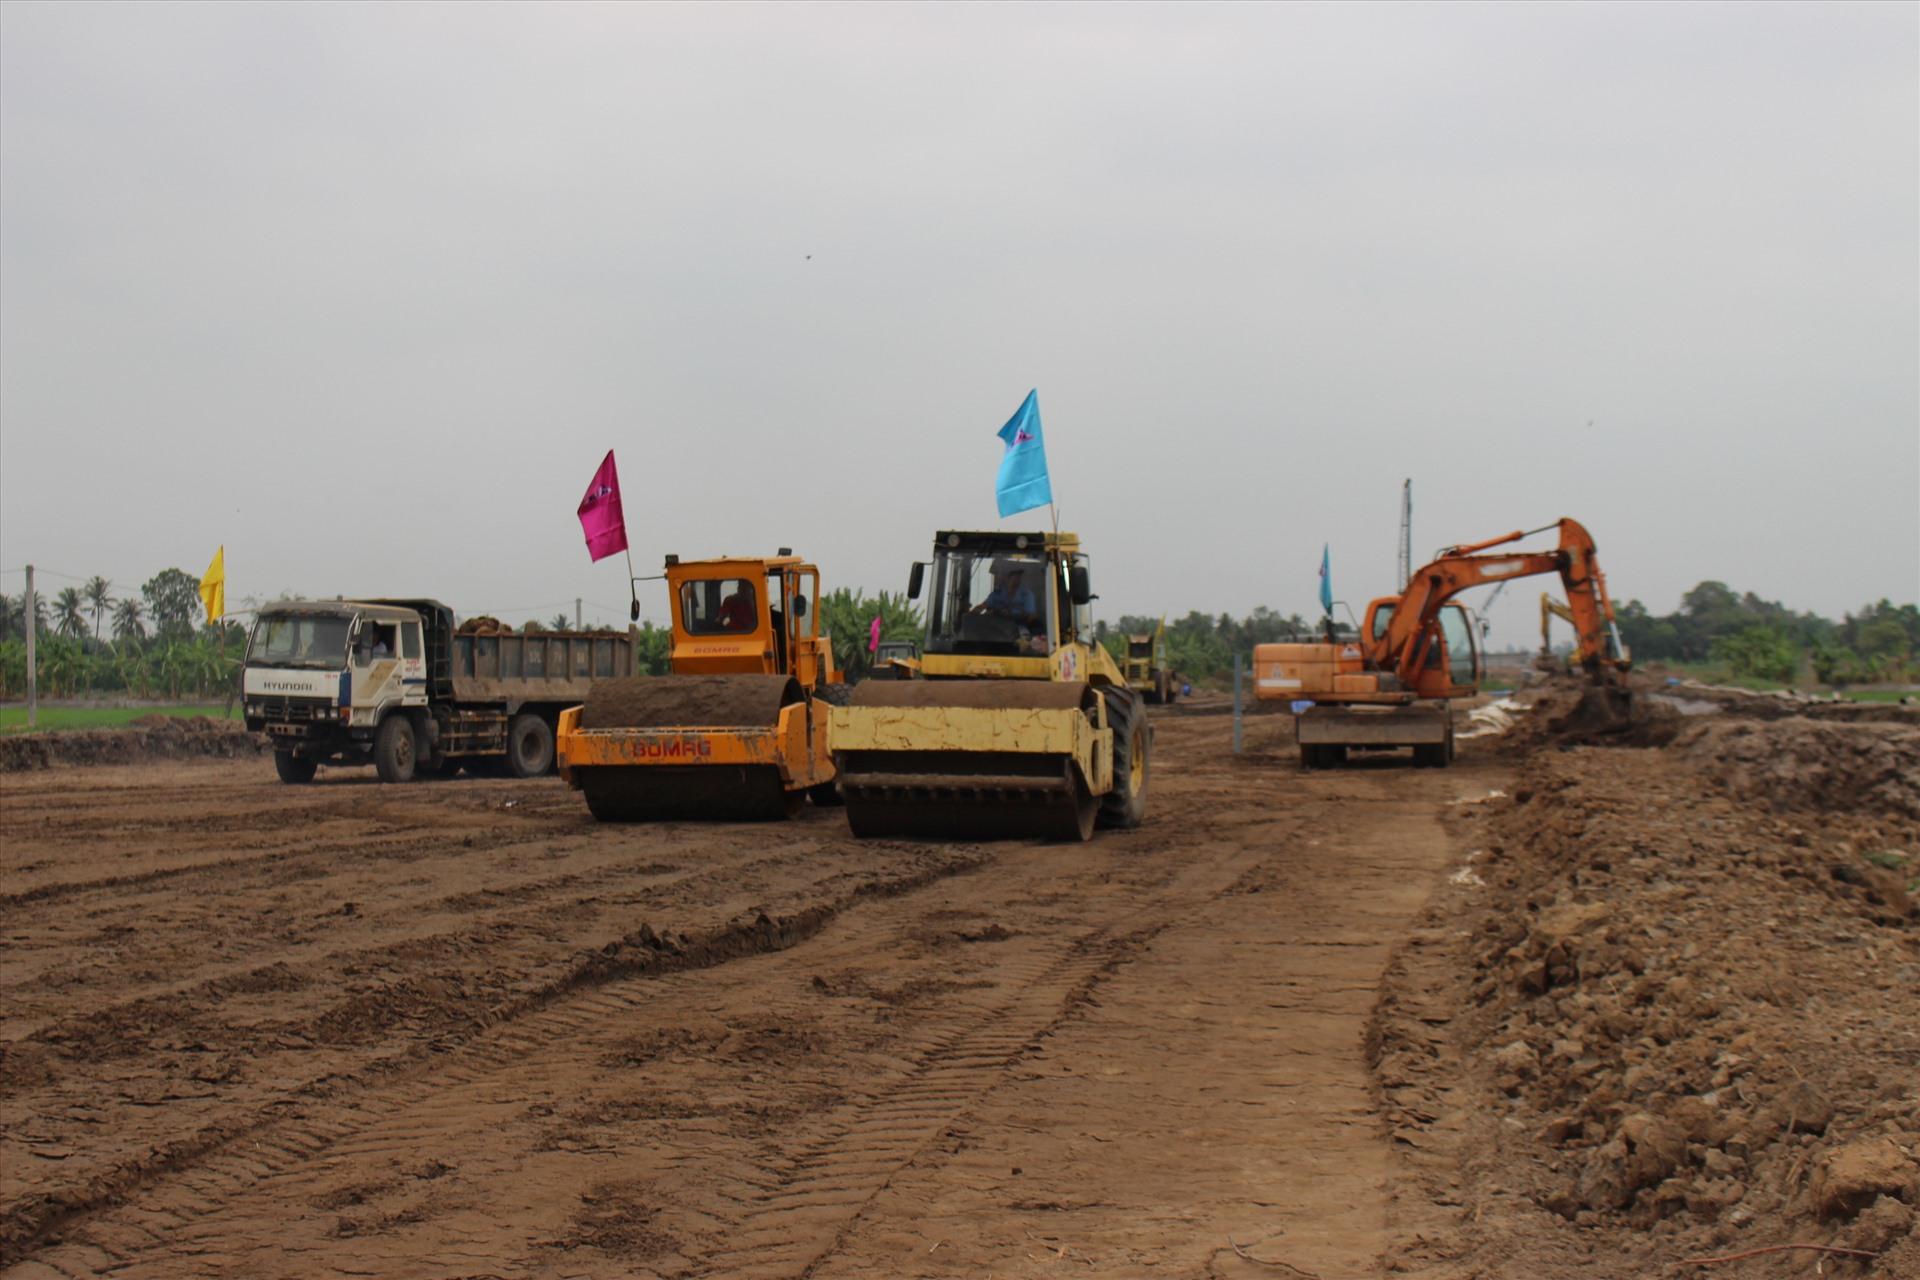 Giải ngân khoản vay đầu tiên cho 4 gói thầu tại dự án cao tốc Trung Lương - Mỹ Thuận - Ảnh 1